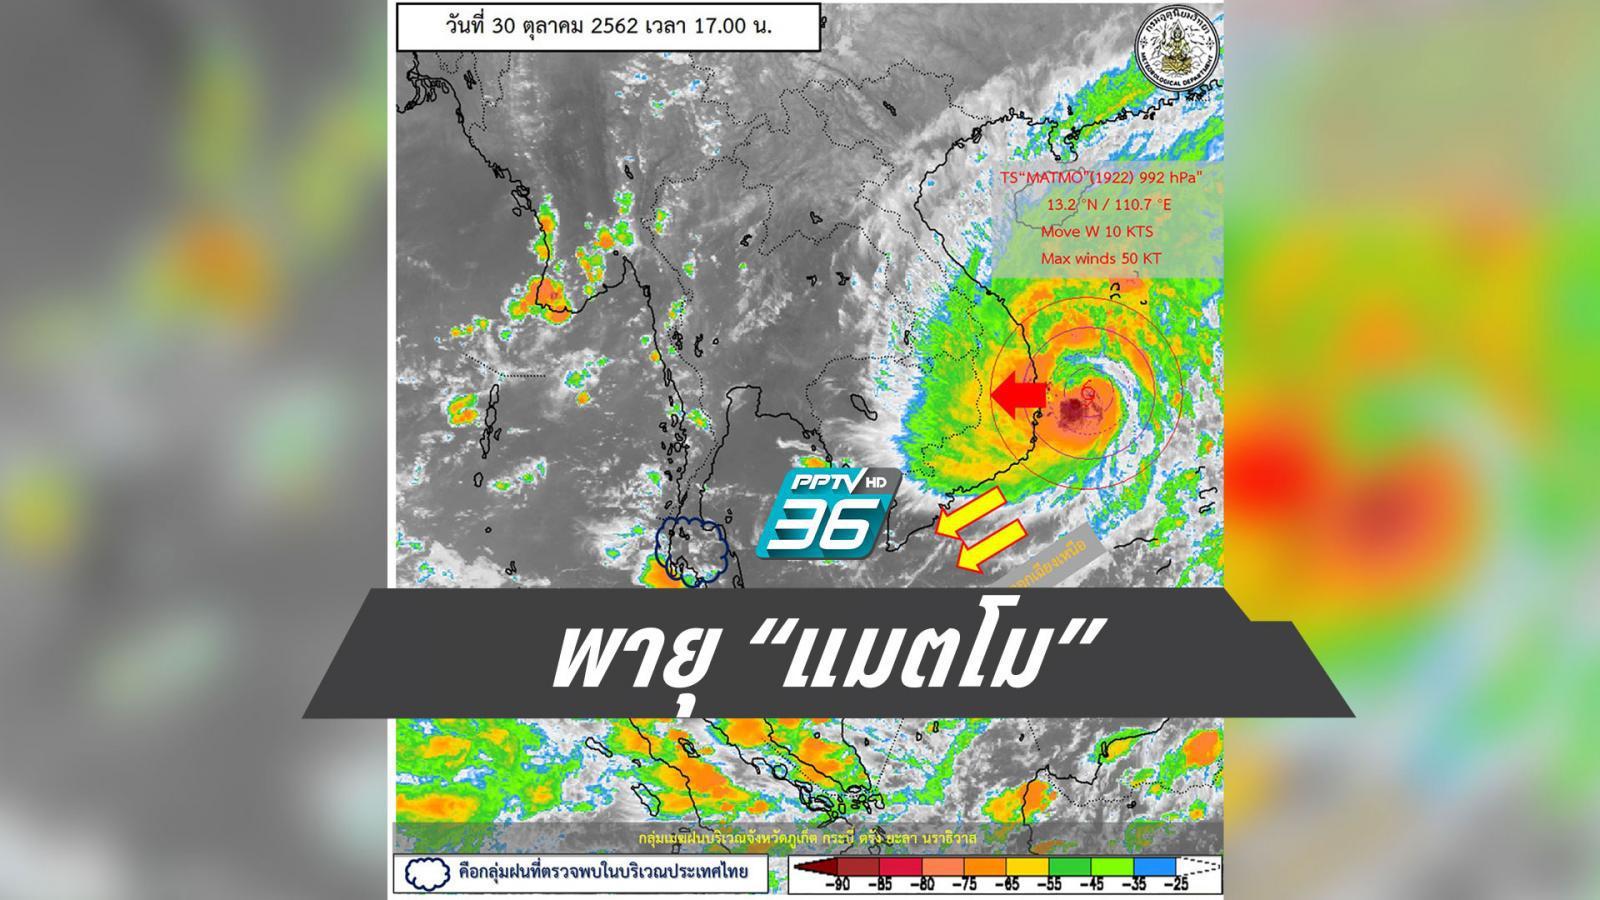 """พายุ """"แมตโม"""" ขึ้นฝั่งเวียดนามคืนนี้ - อุตุฯเตือน 17 จังหวัด รับมือฝนตกหนัก"""